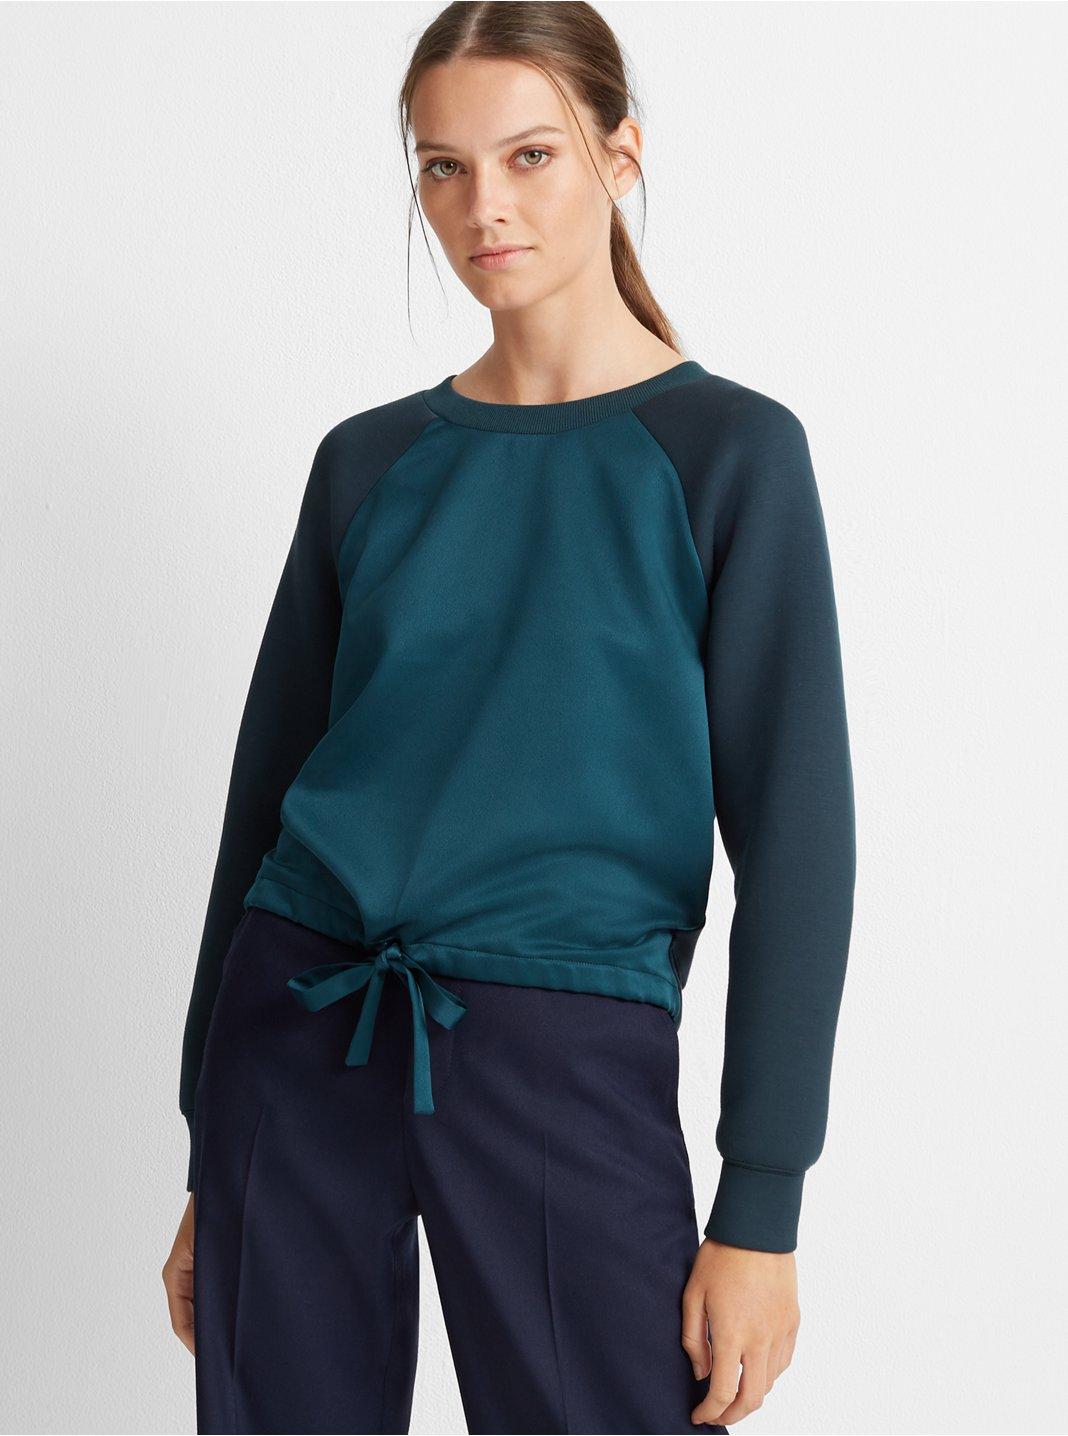 Tie-Front Sweatshirt